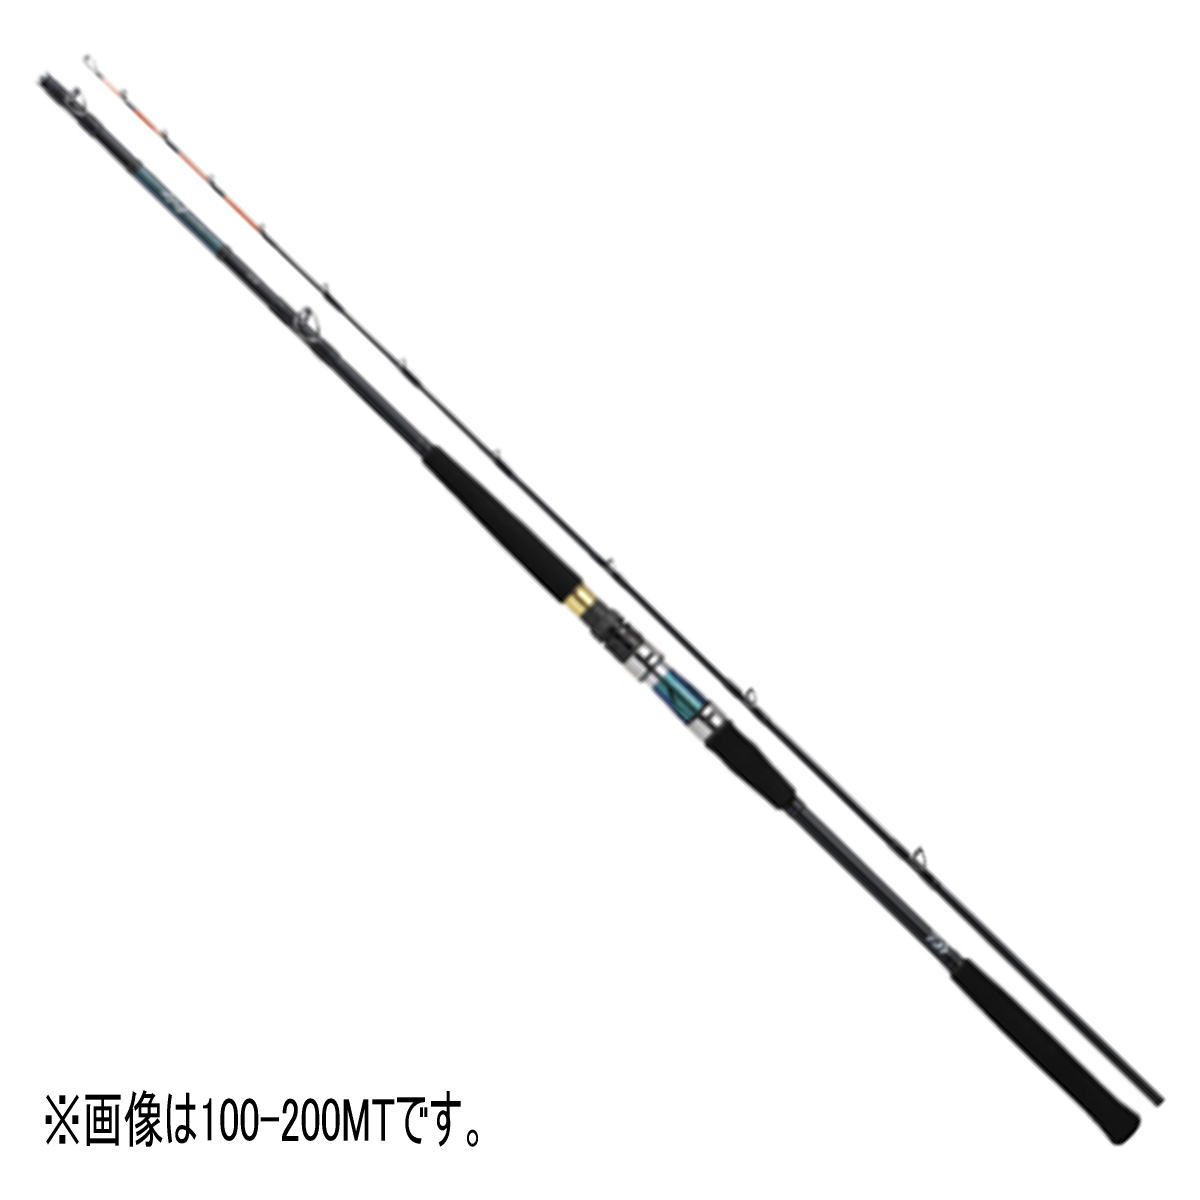 【送料無料5】ダイワ ロッド '18 剣崎 MT 30-230MT